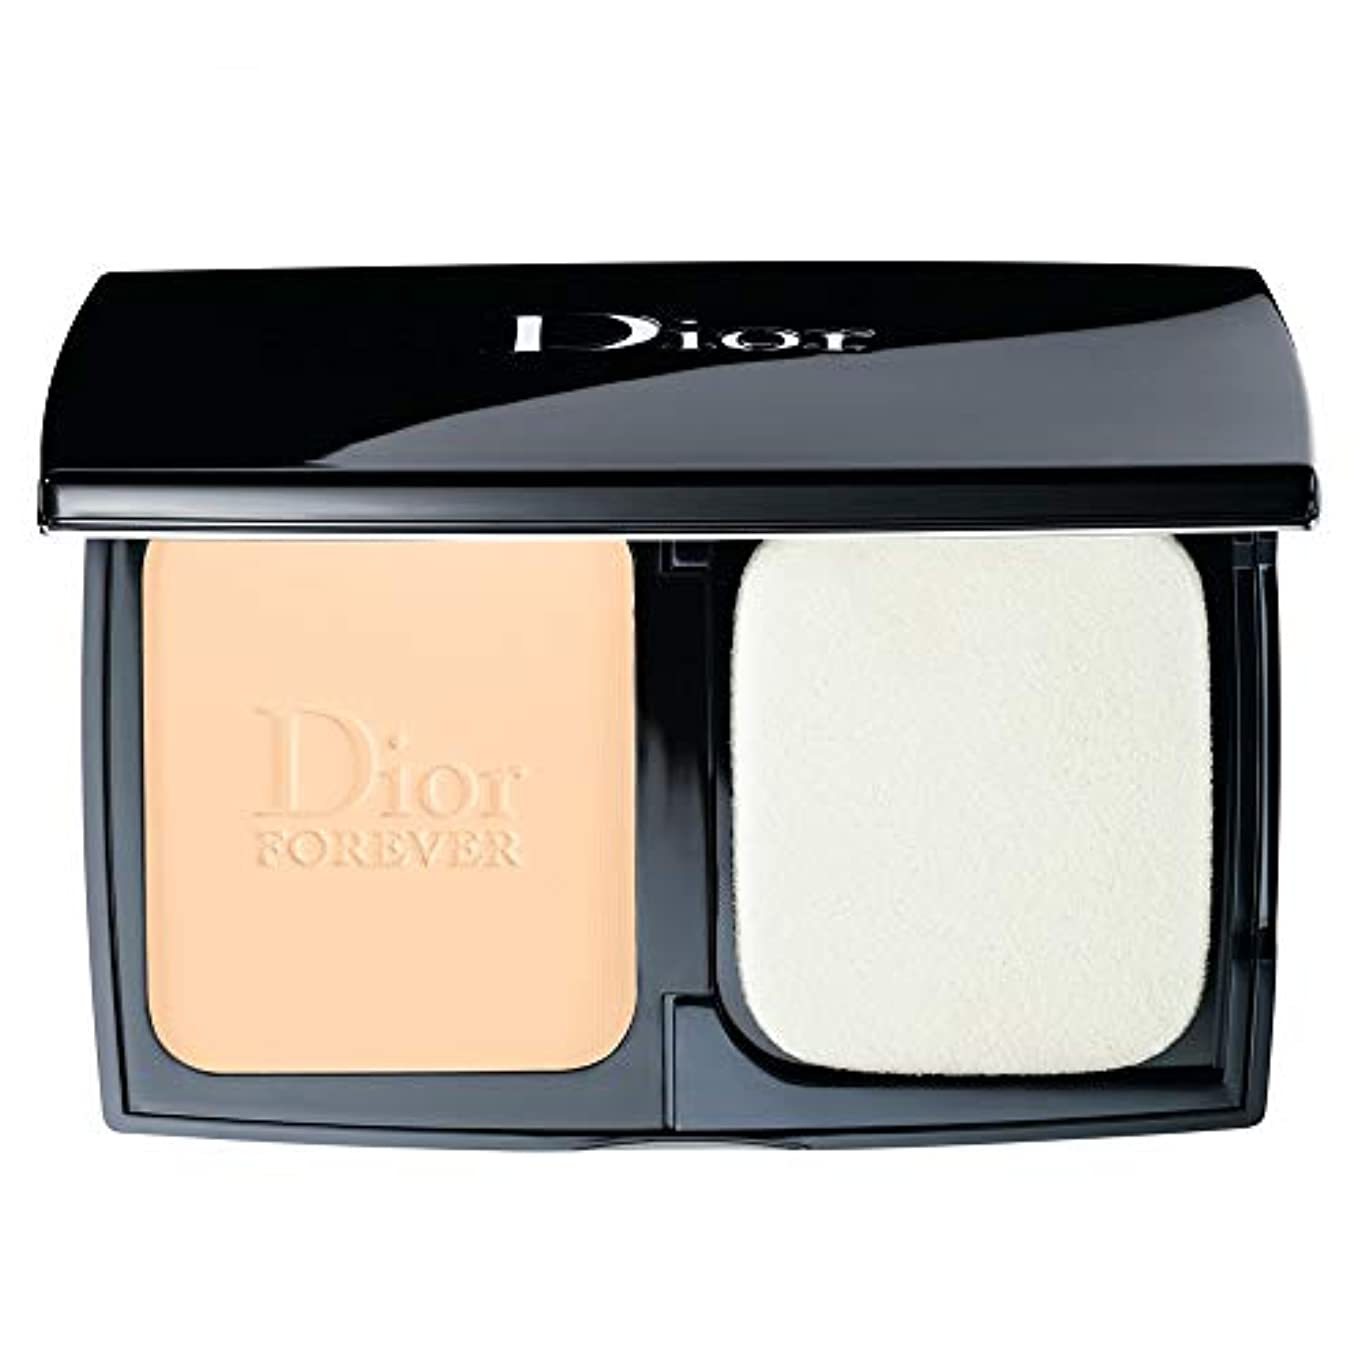 人類じゃがいも雪だるまクリスチャンディオール Diorskin Forever Extreme Control Perfect Matte Powder Makeup SPF 20 - # 010 Ivory 9g/0.31oz並行輸入品